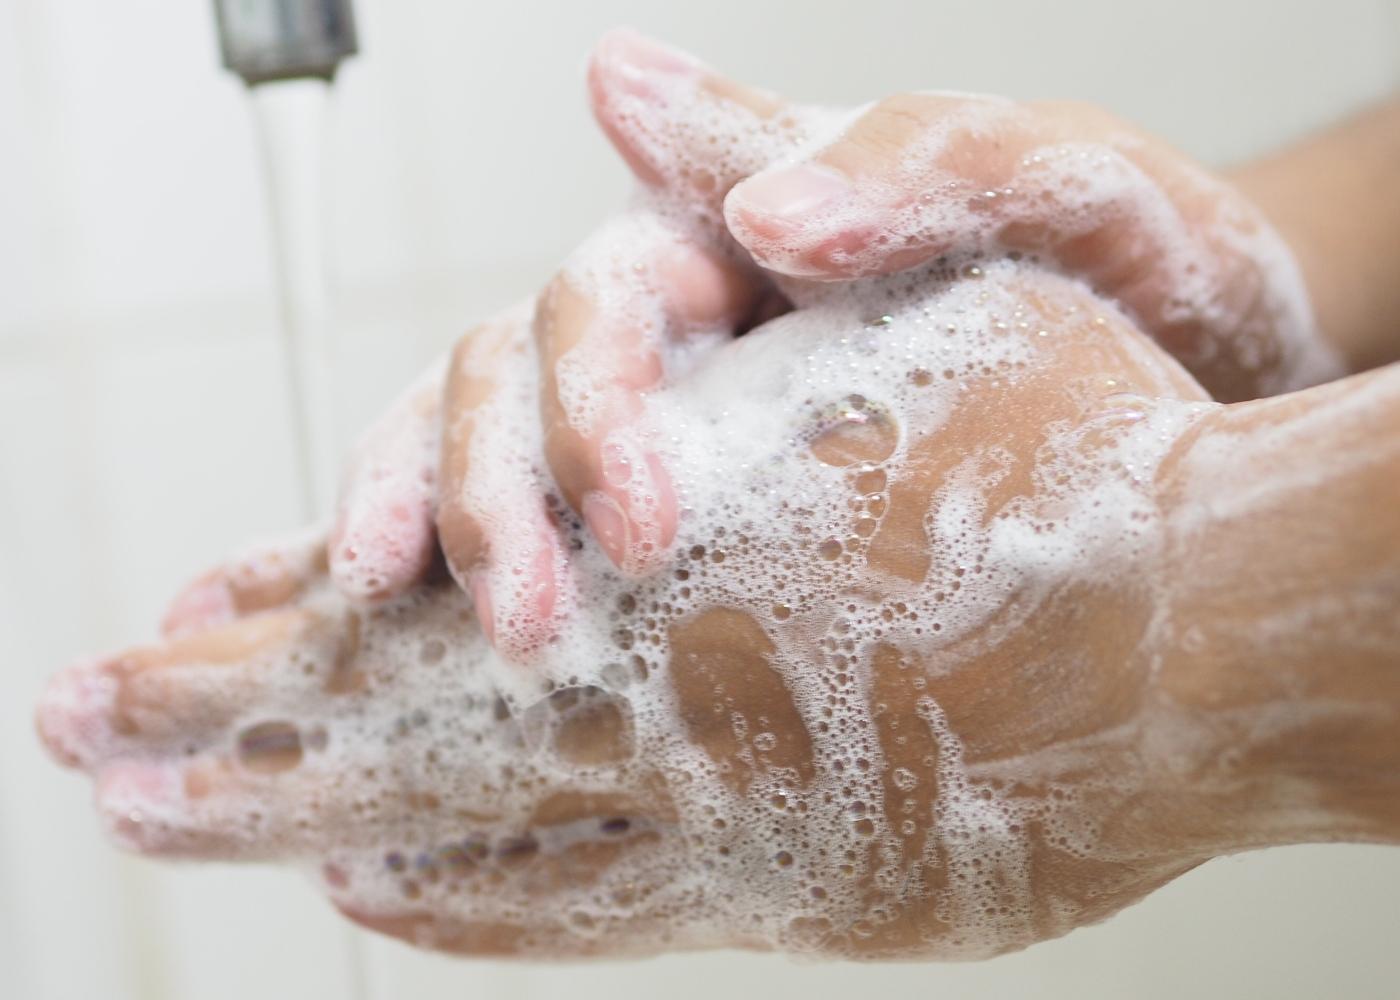 Mulher a lavar as mãos com sabão